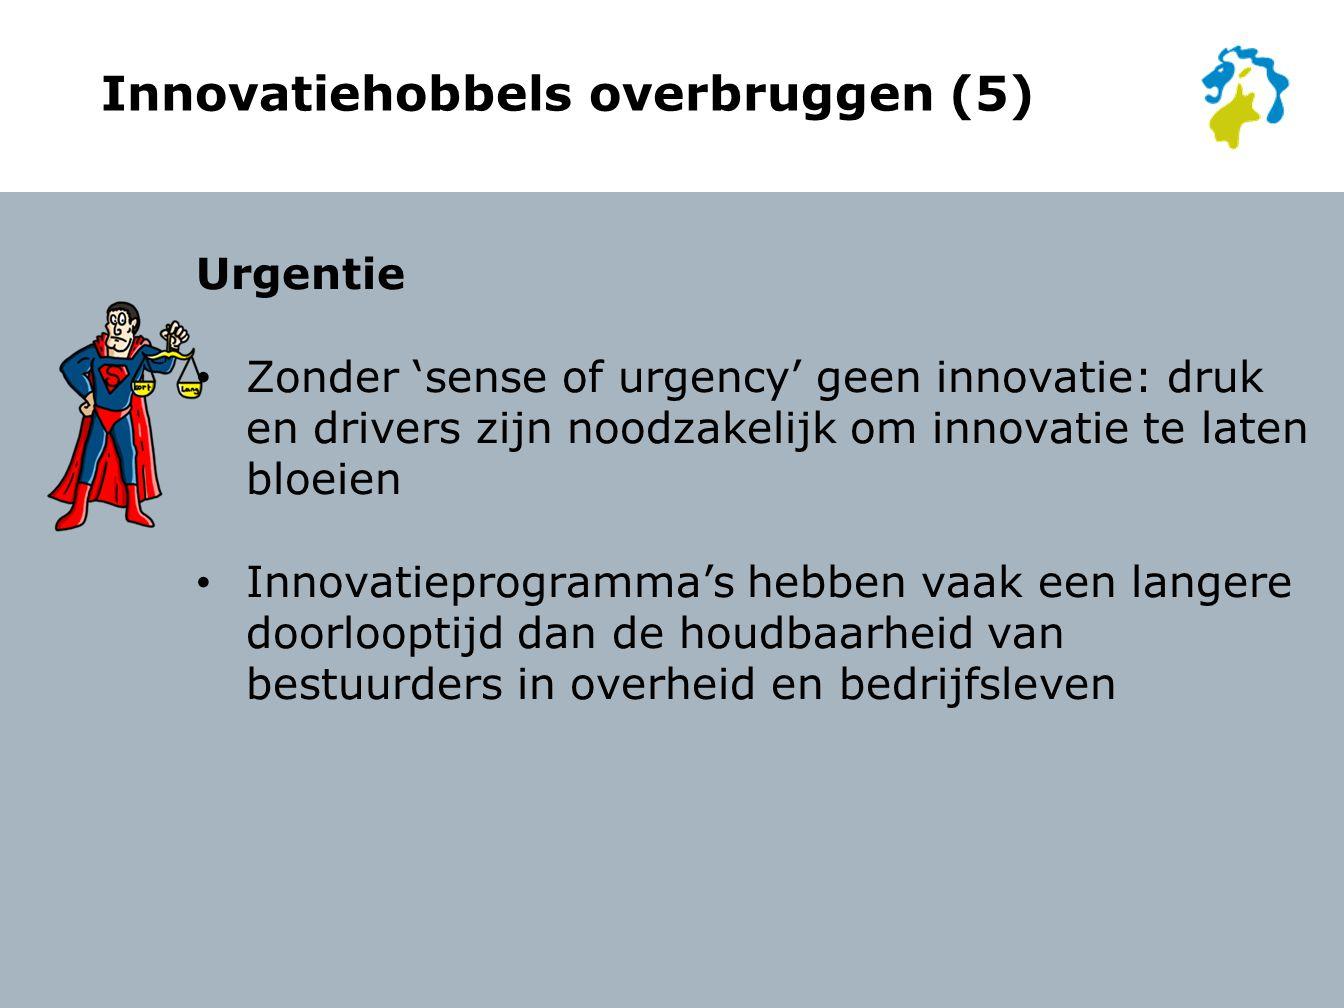 Innovatiehobbels overbruggen (5) Urgentie Zonder 'sense of urgency' geen innovatie: druk en drivers zijn noodzakelijk om innovatie te laten bloeien Innovatieprogramma's hebben vaak een langere doorlooptijd dan de houdbaarheid van bestuurders in overheid en bedrijfsleven